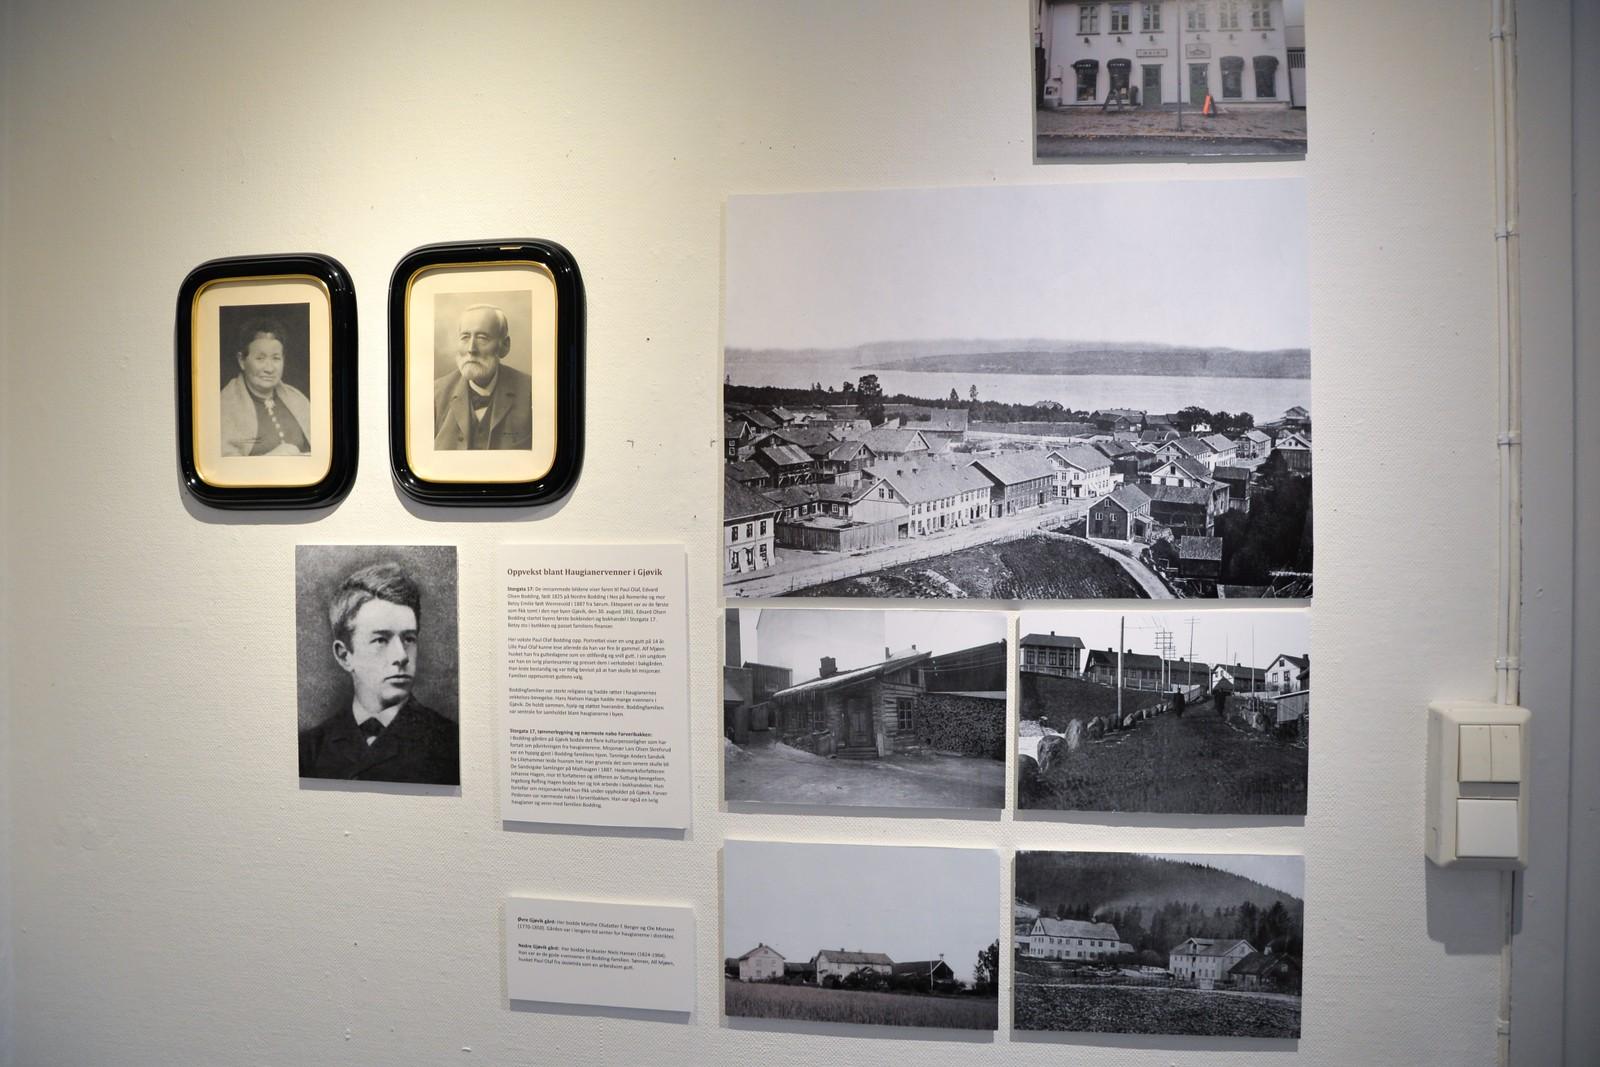 Utstillingen har også bilder av lokal interesse. Her er bilder av Boddings familie og hvor de bodde i Gjøvik på 1800-tallet.